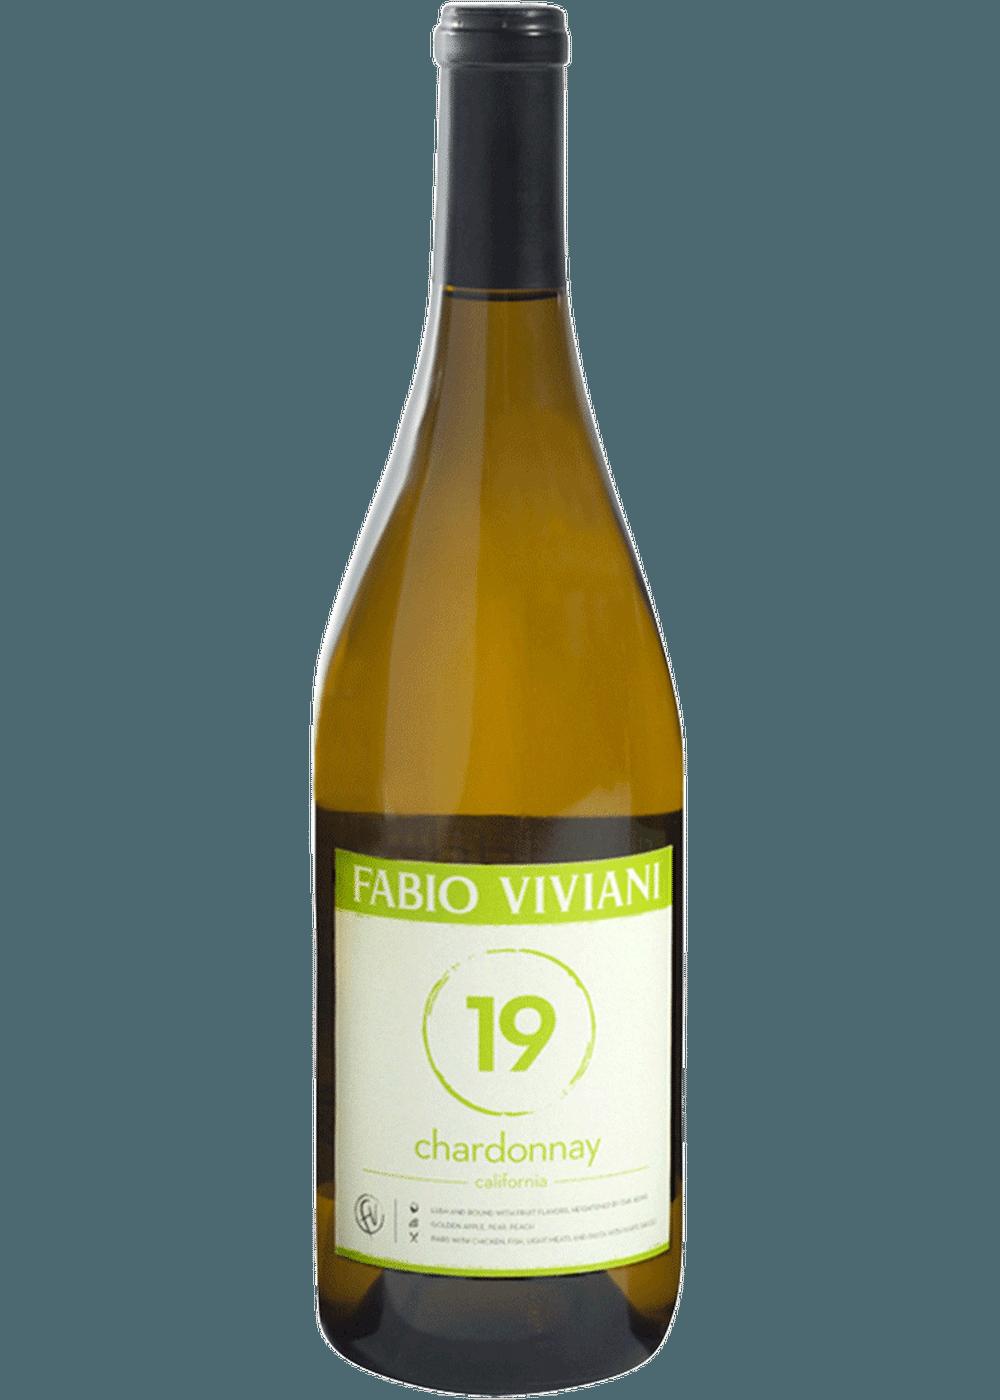 Fabio Viviani Chardonnay 750ml